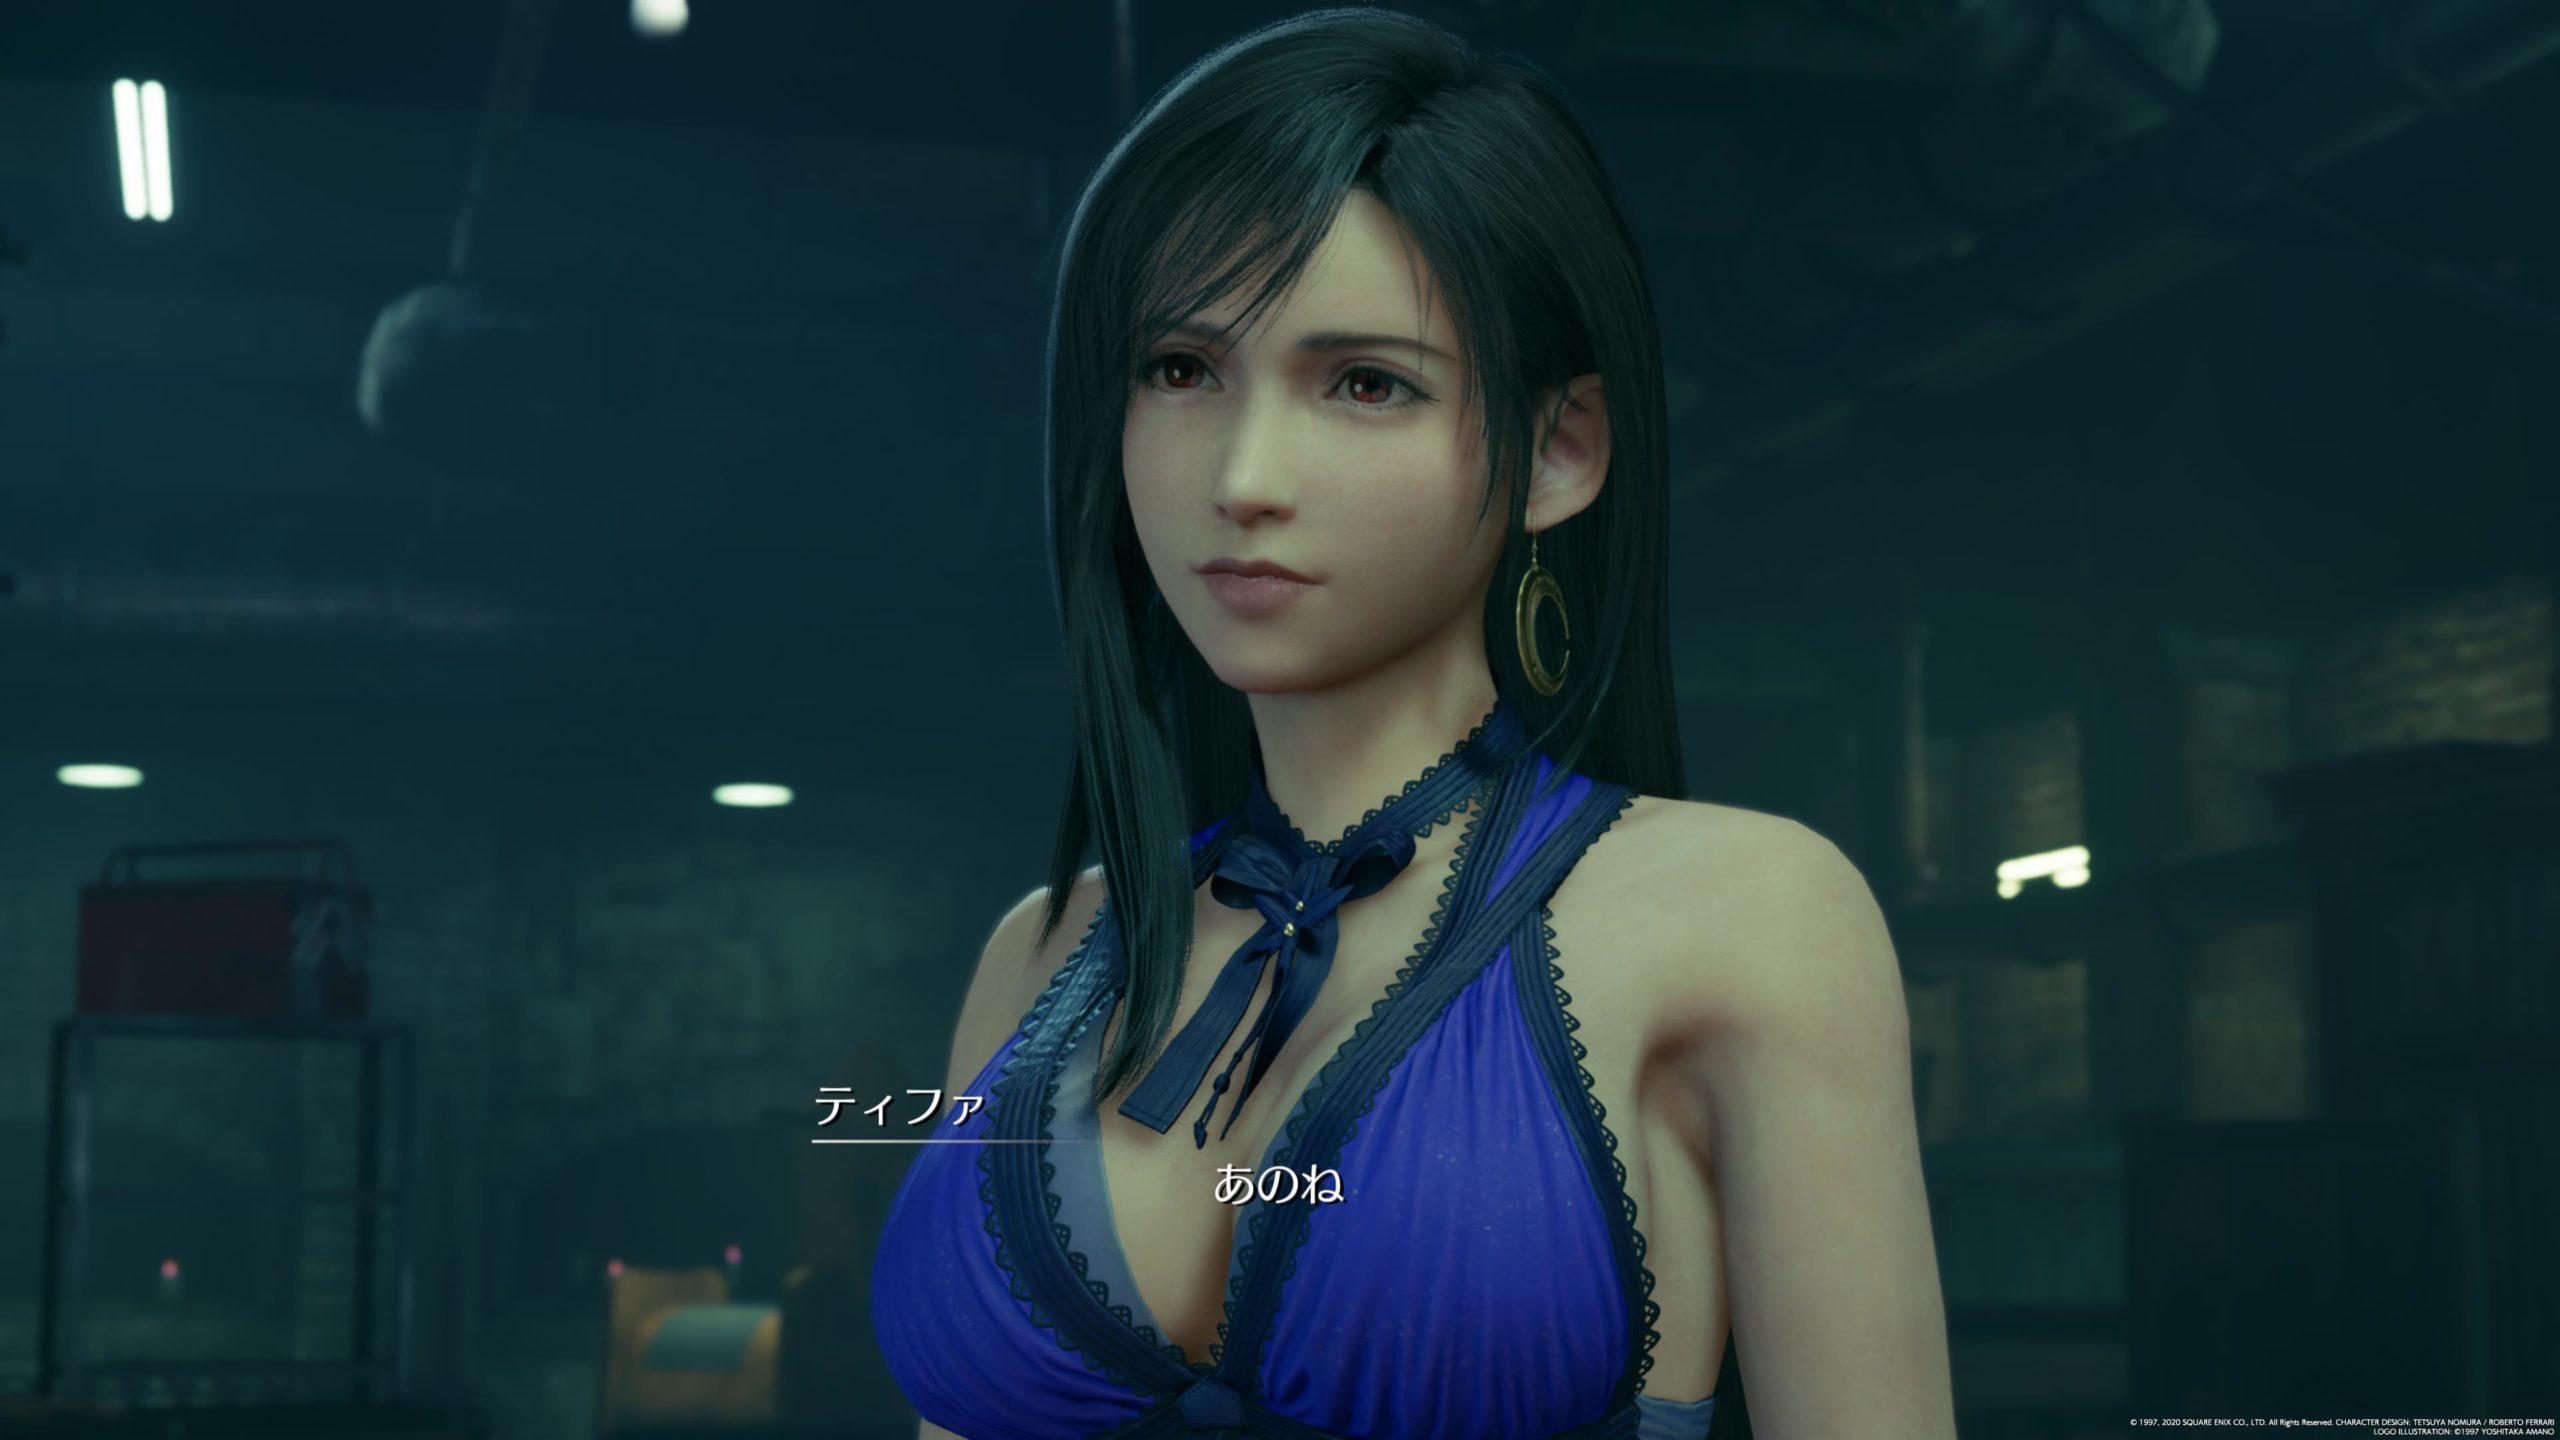 【FF7リメイク】ティファのドレス姿